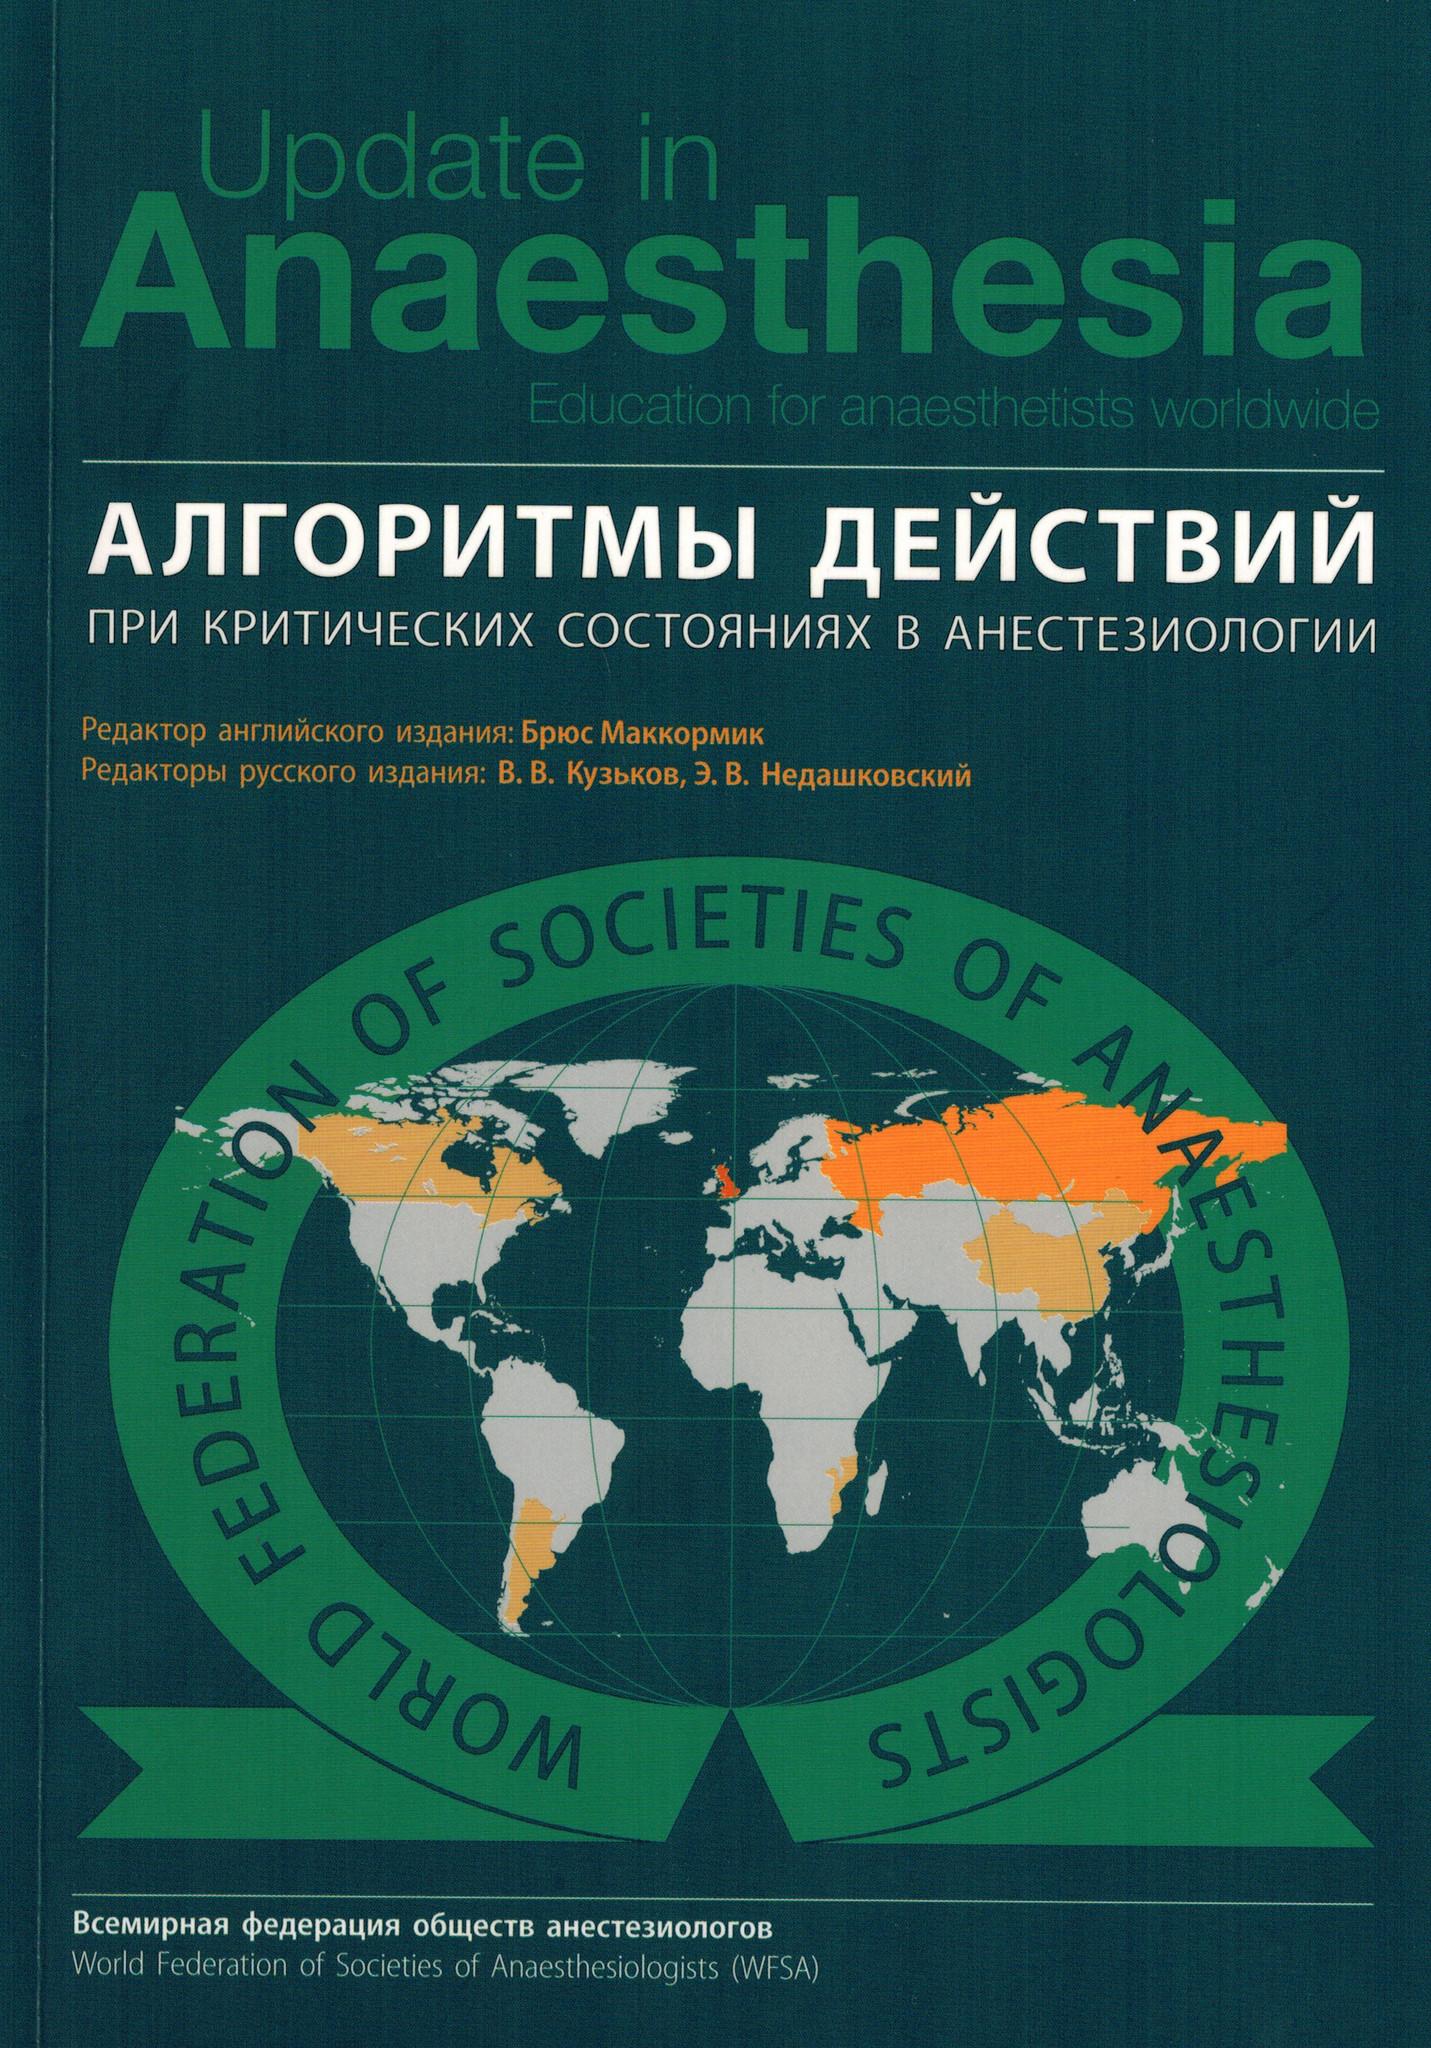 Анестезиология и реанимация Алгоритмы действий при критических состояниях в анестезиологии ad.jpg